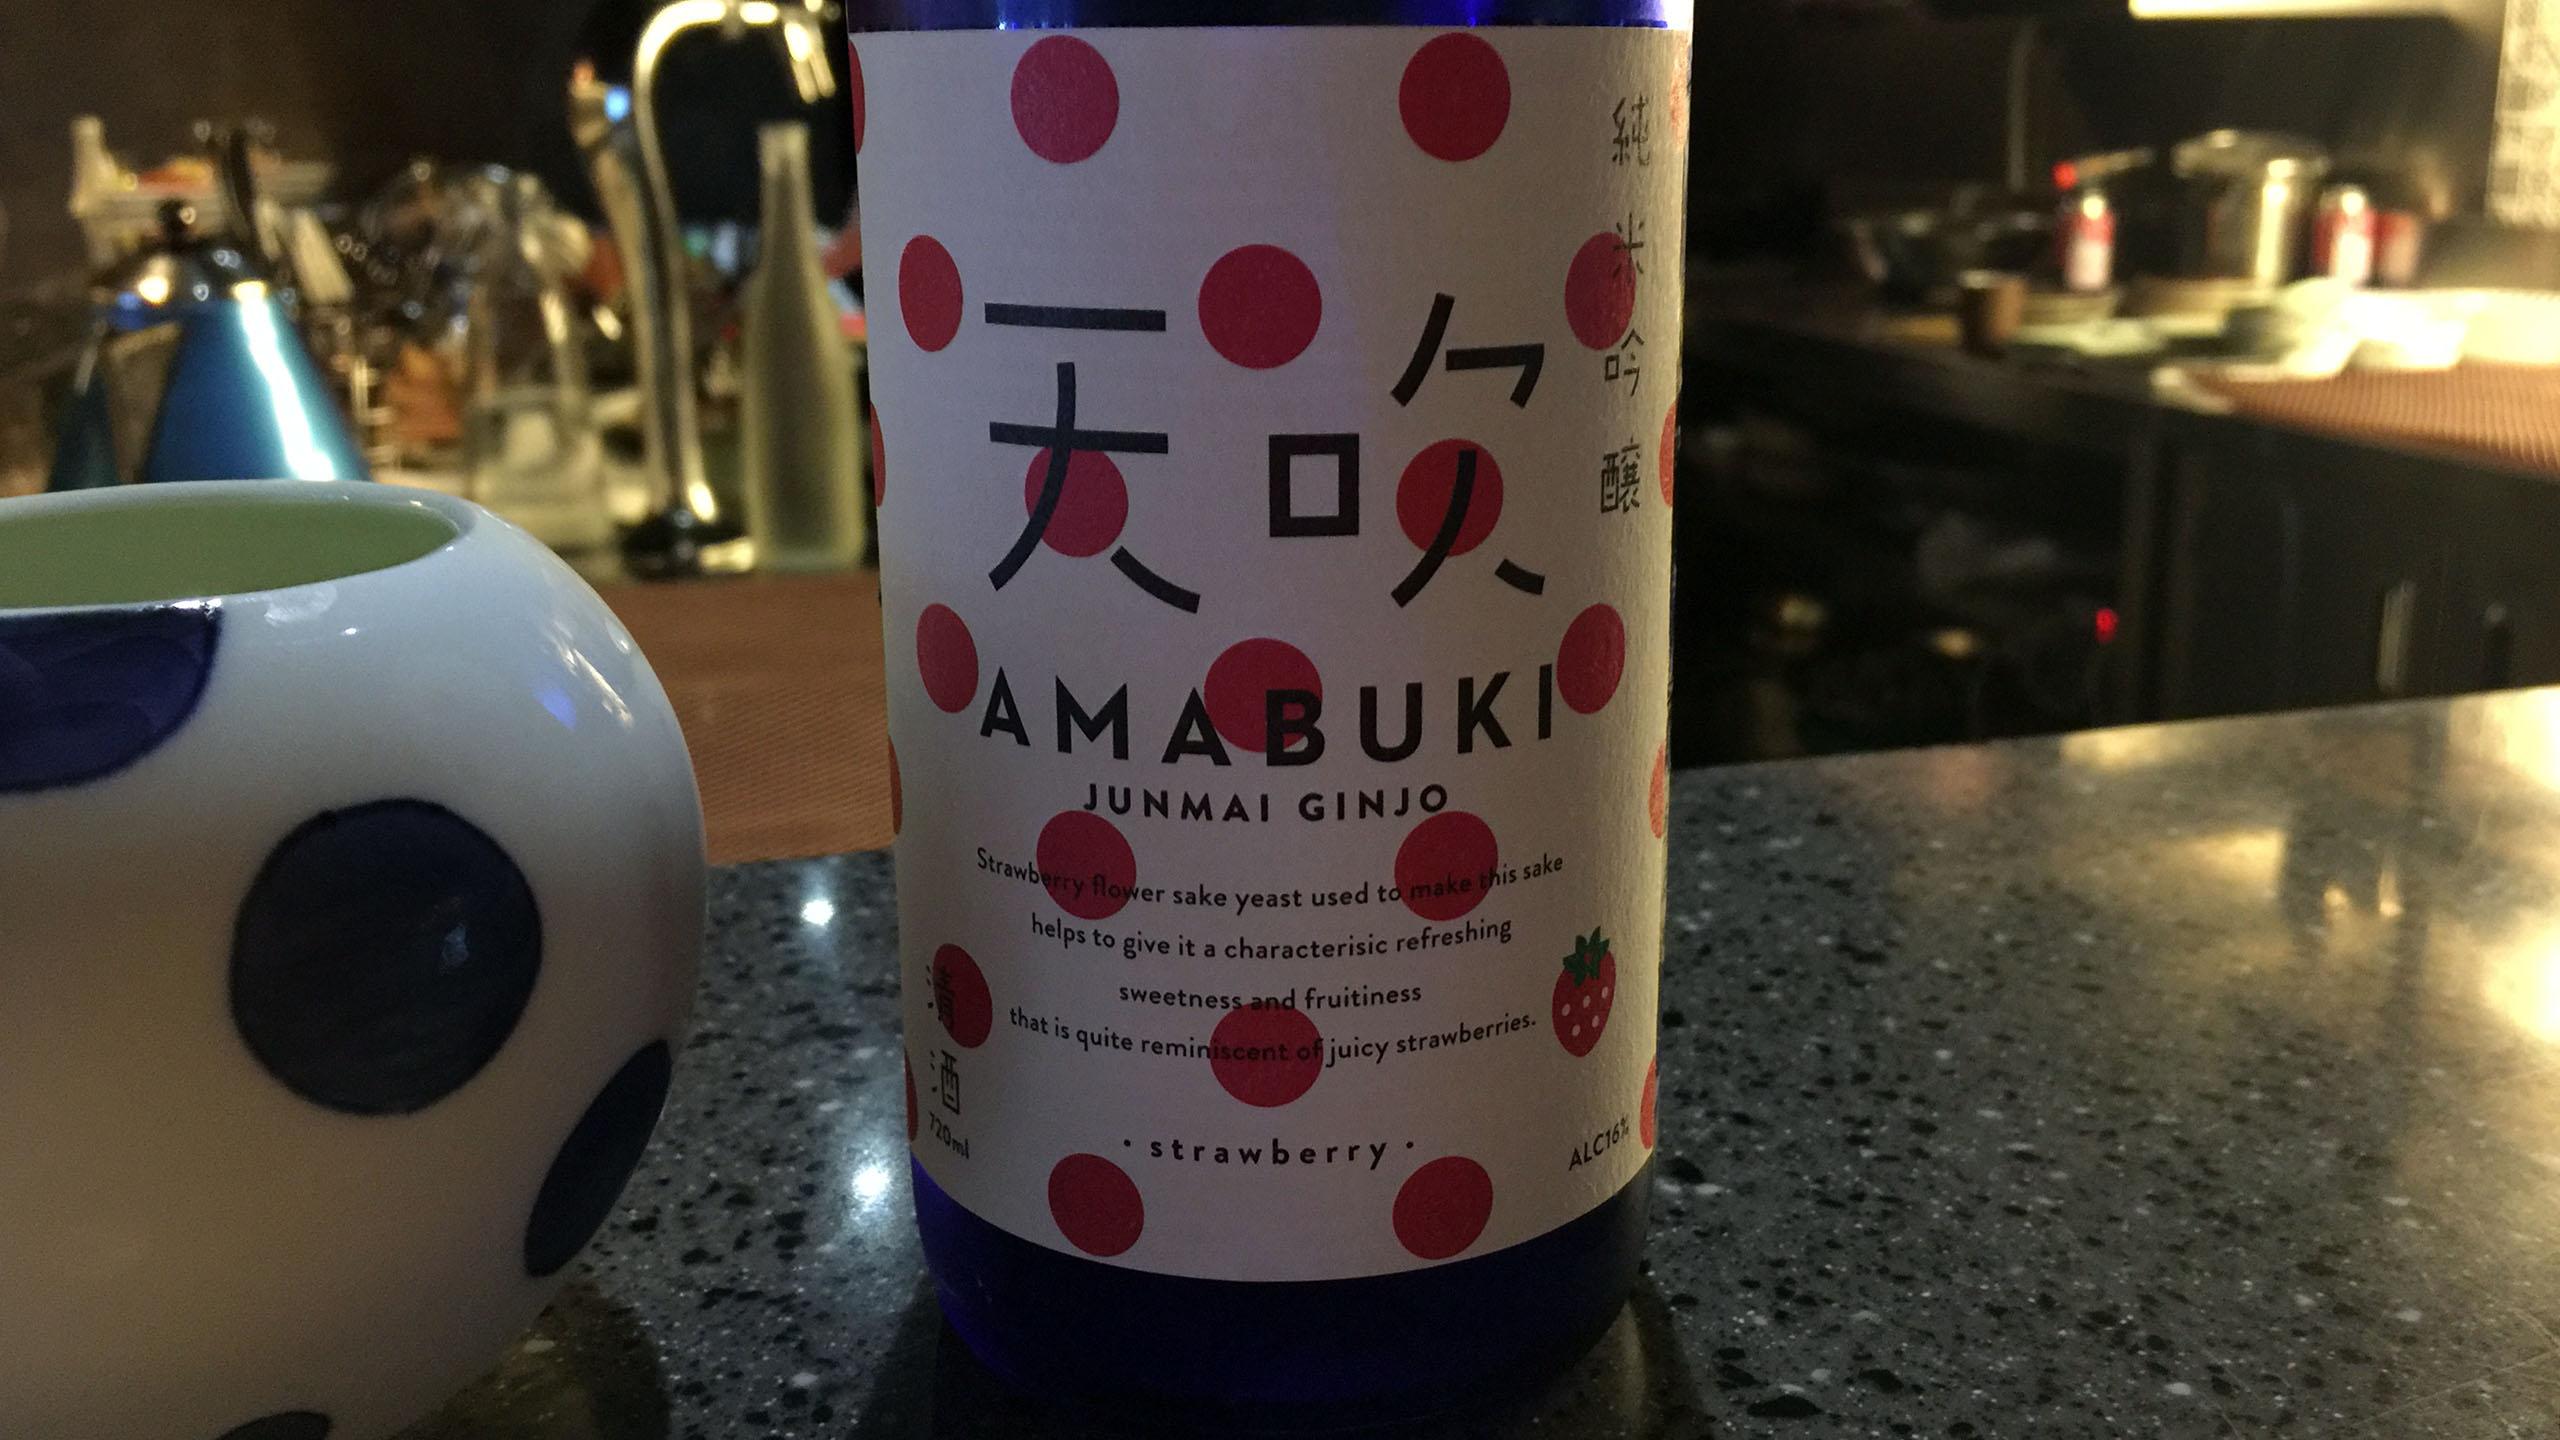 아마부키 쥰마이긴죠 이치고코보 오마치 나마